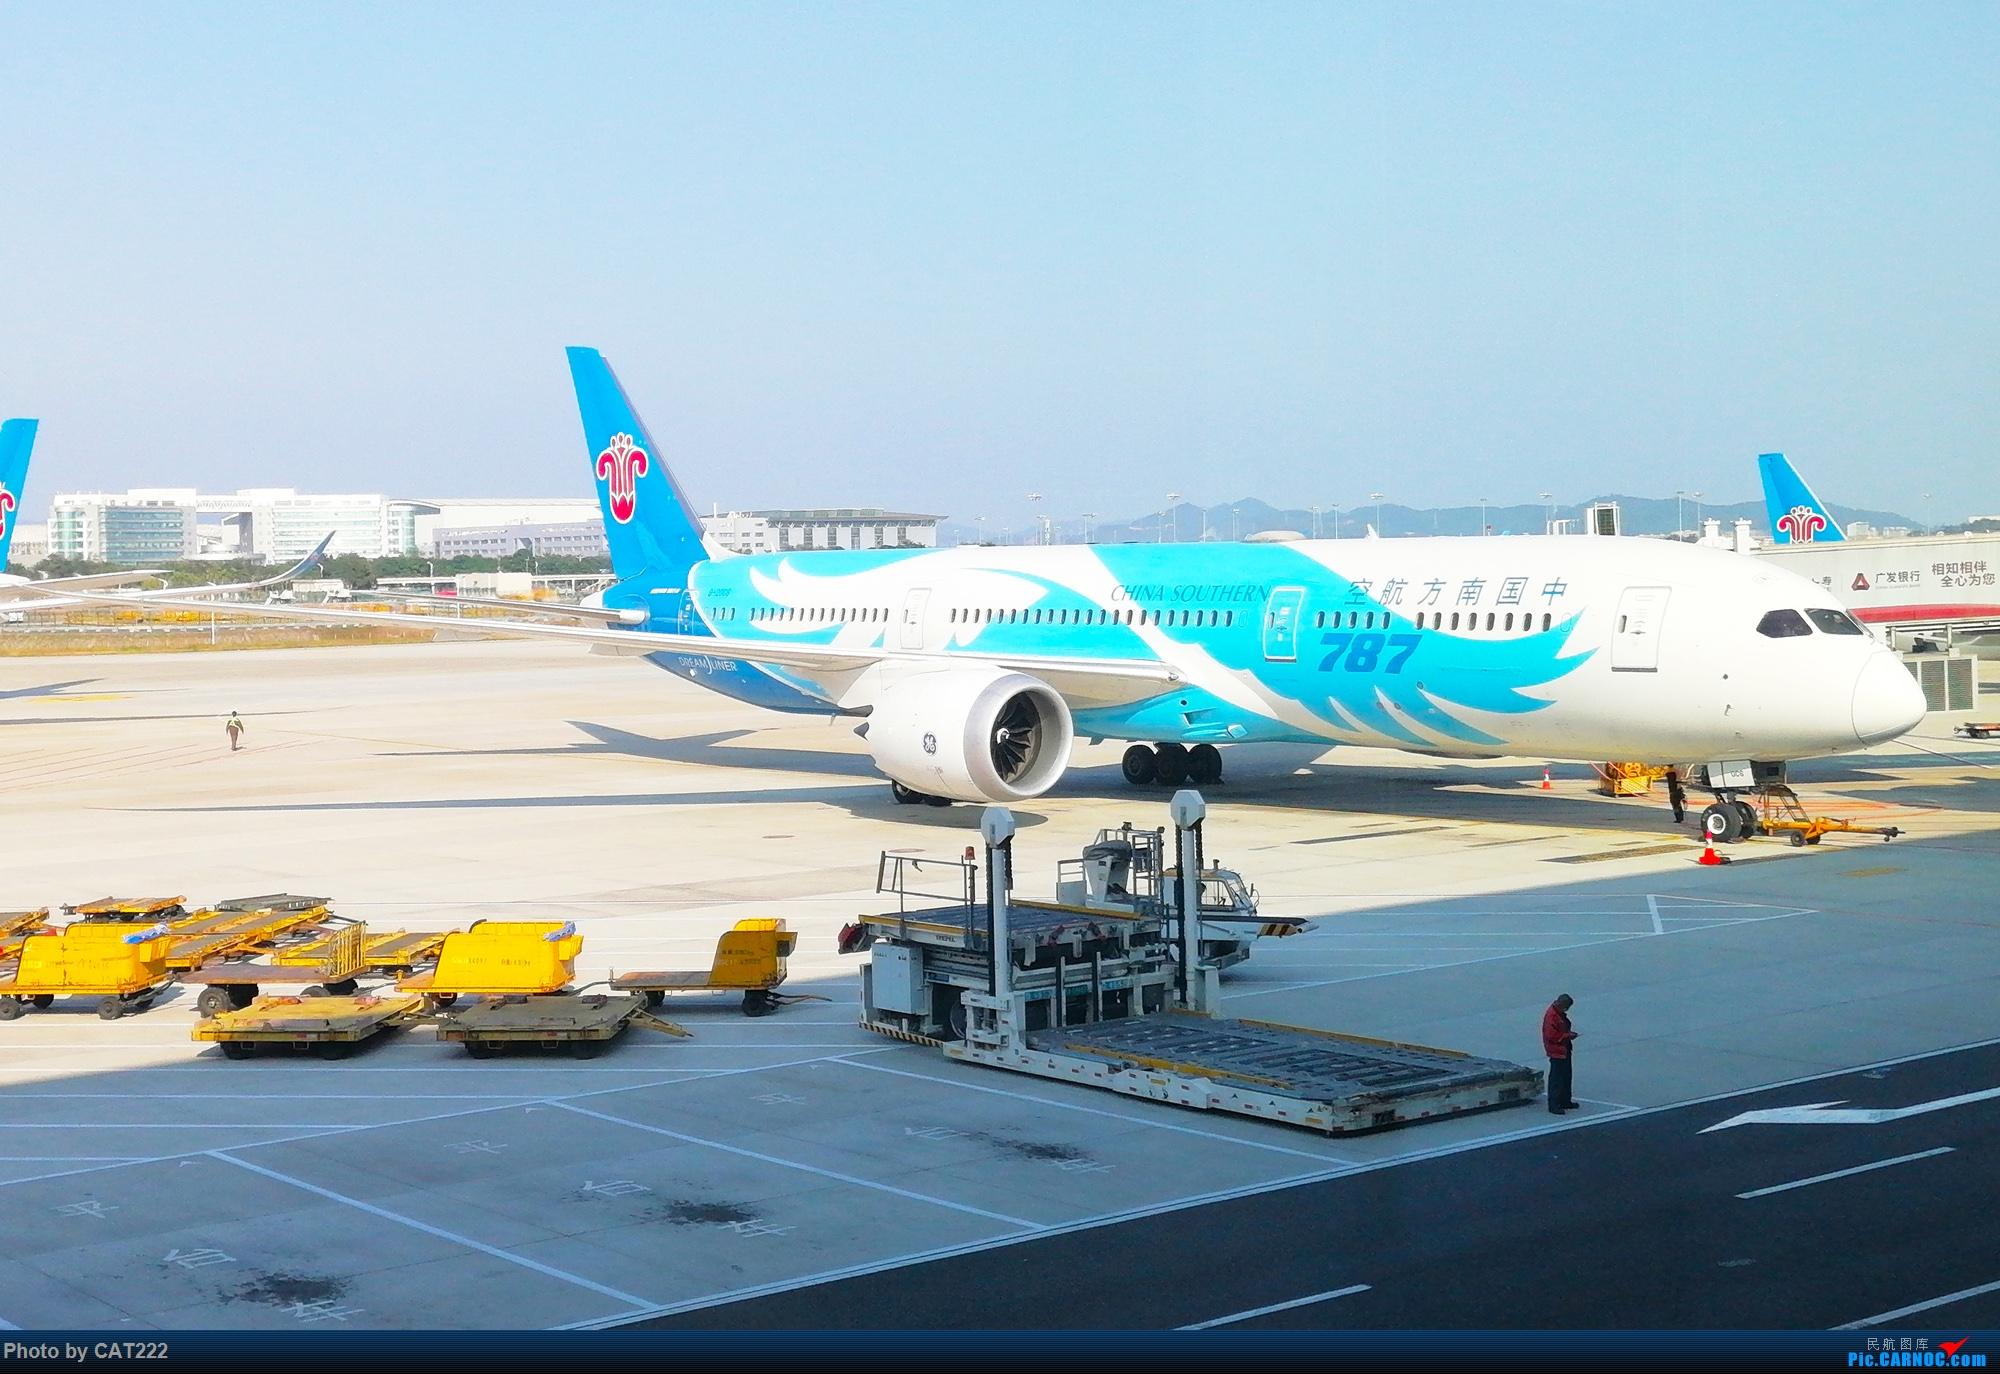 Re:[原创]飞机上看广州(经广州塔) BOEING 787-9 B-20C6 广州白云国际机场